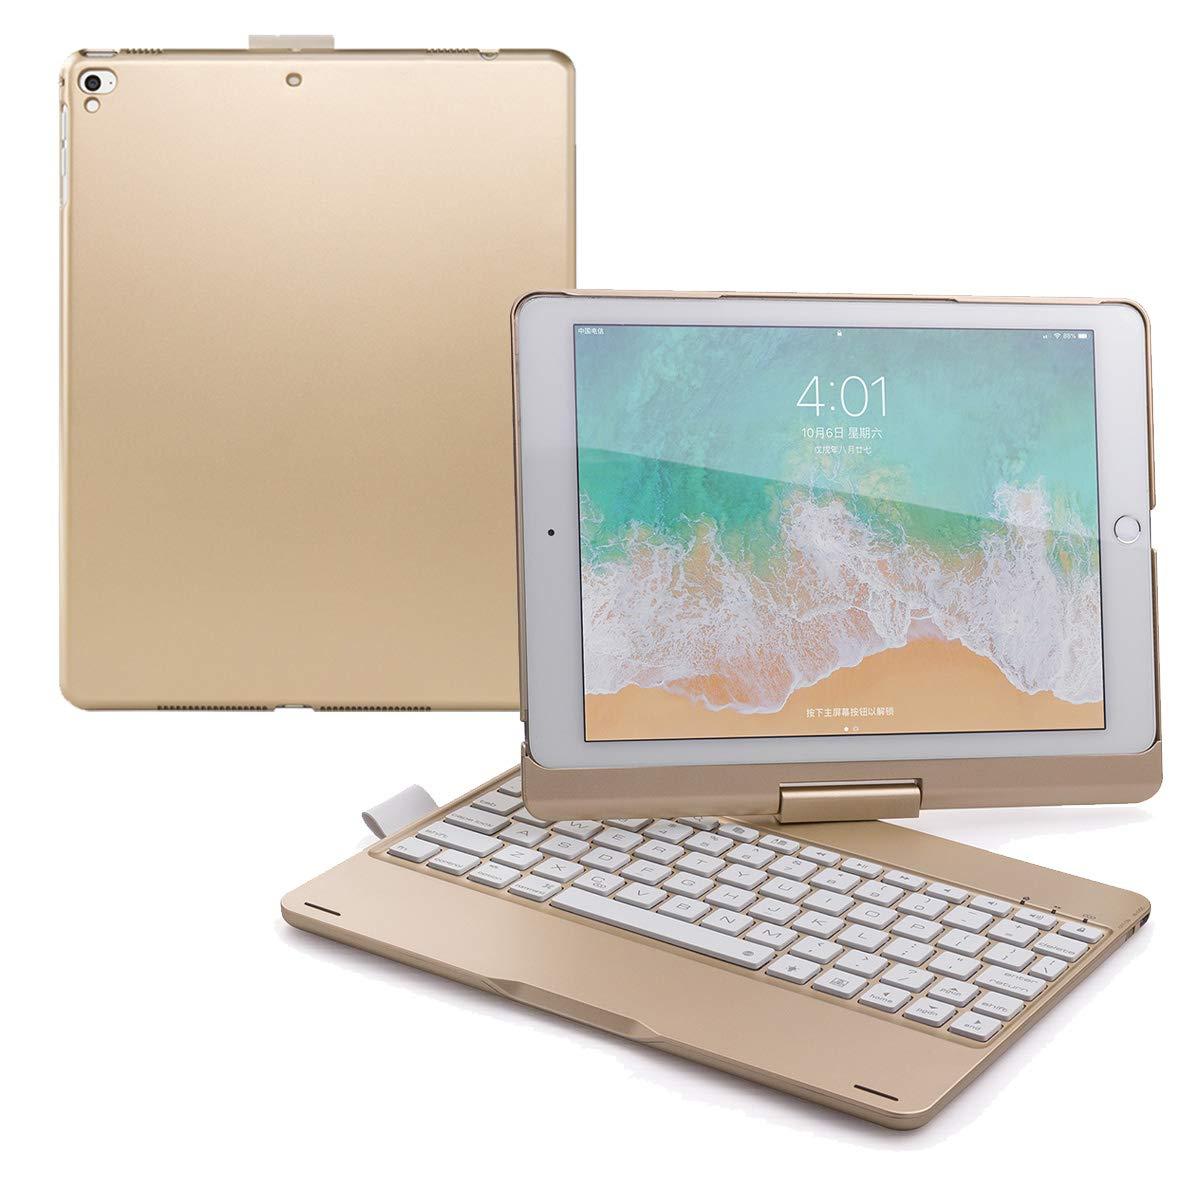 上質で快適 2018 New 2 iPad 2017 1 New iPad 9.7 New iPad Pro 9.7 iPad Air 2 iPad Air 1 シェル, ハイブリッド 耐衝撃性 スリム MeetJP カバー 合う スクラッチ耐性 ゴム バンパーバック and 保護 の 2018 New iPad 2017 New iPad 9.7 iPad Pro 9.7 iPad Air 2 Golden B07L3TZ35T, 滝川市:a92d11a0 --- a0267596.xsph.ru